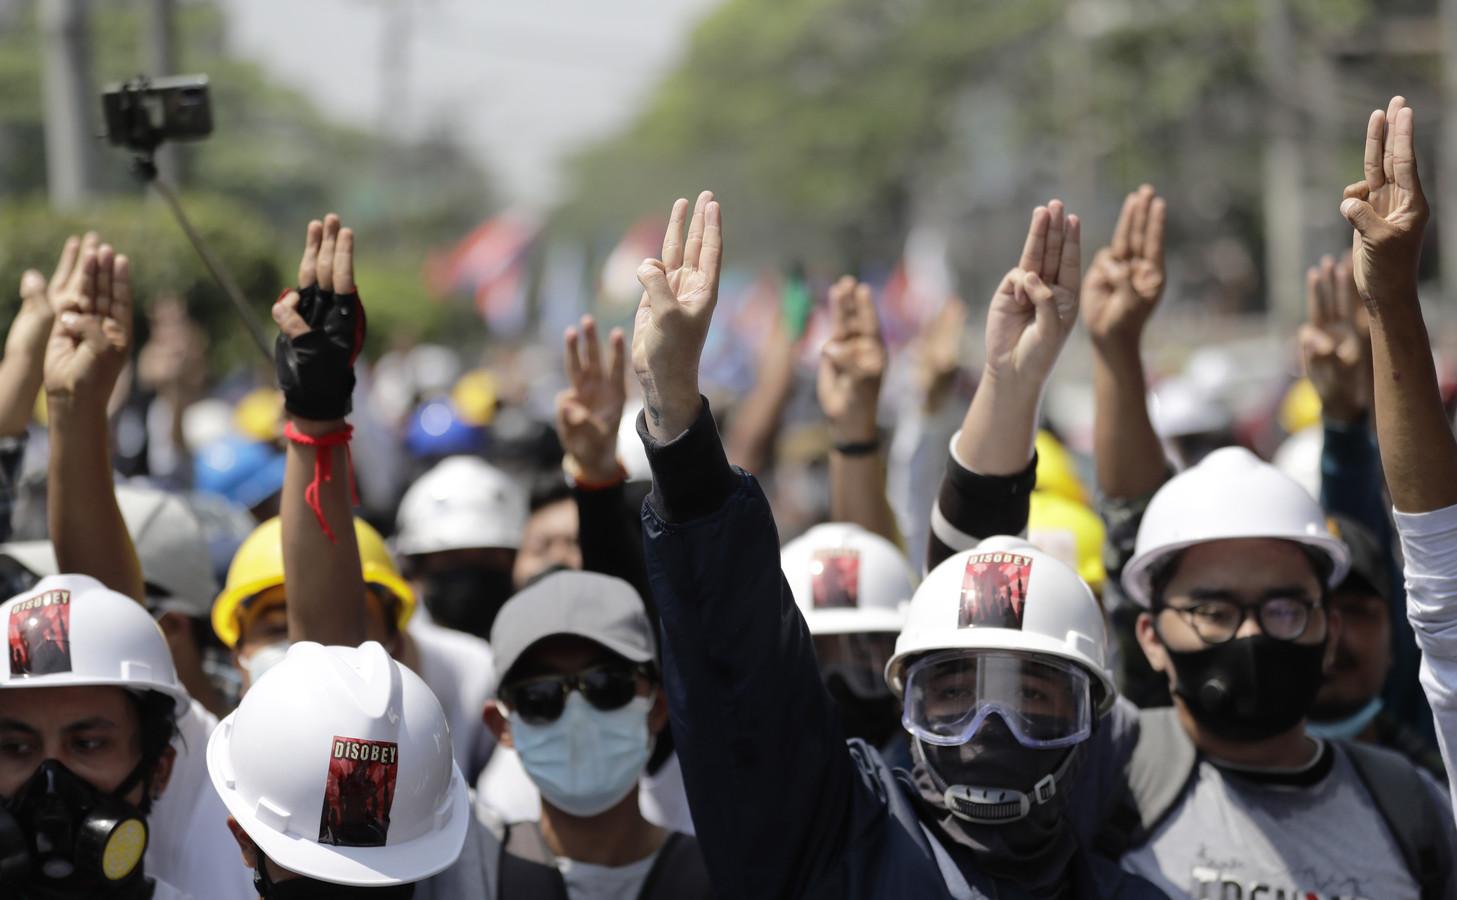 Beelden van het protest tegen de militaire coup in Yangon. Actievoerders maakten ook een gebaar waarbij ze drie vingers omhoog staken. Die begroeting was ook te zien bij protesten in Thailand en is afkomstig uit de boeken- en filmreeks The Hunger Games.